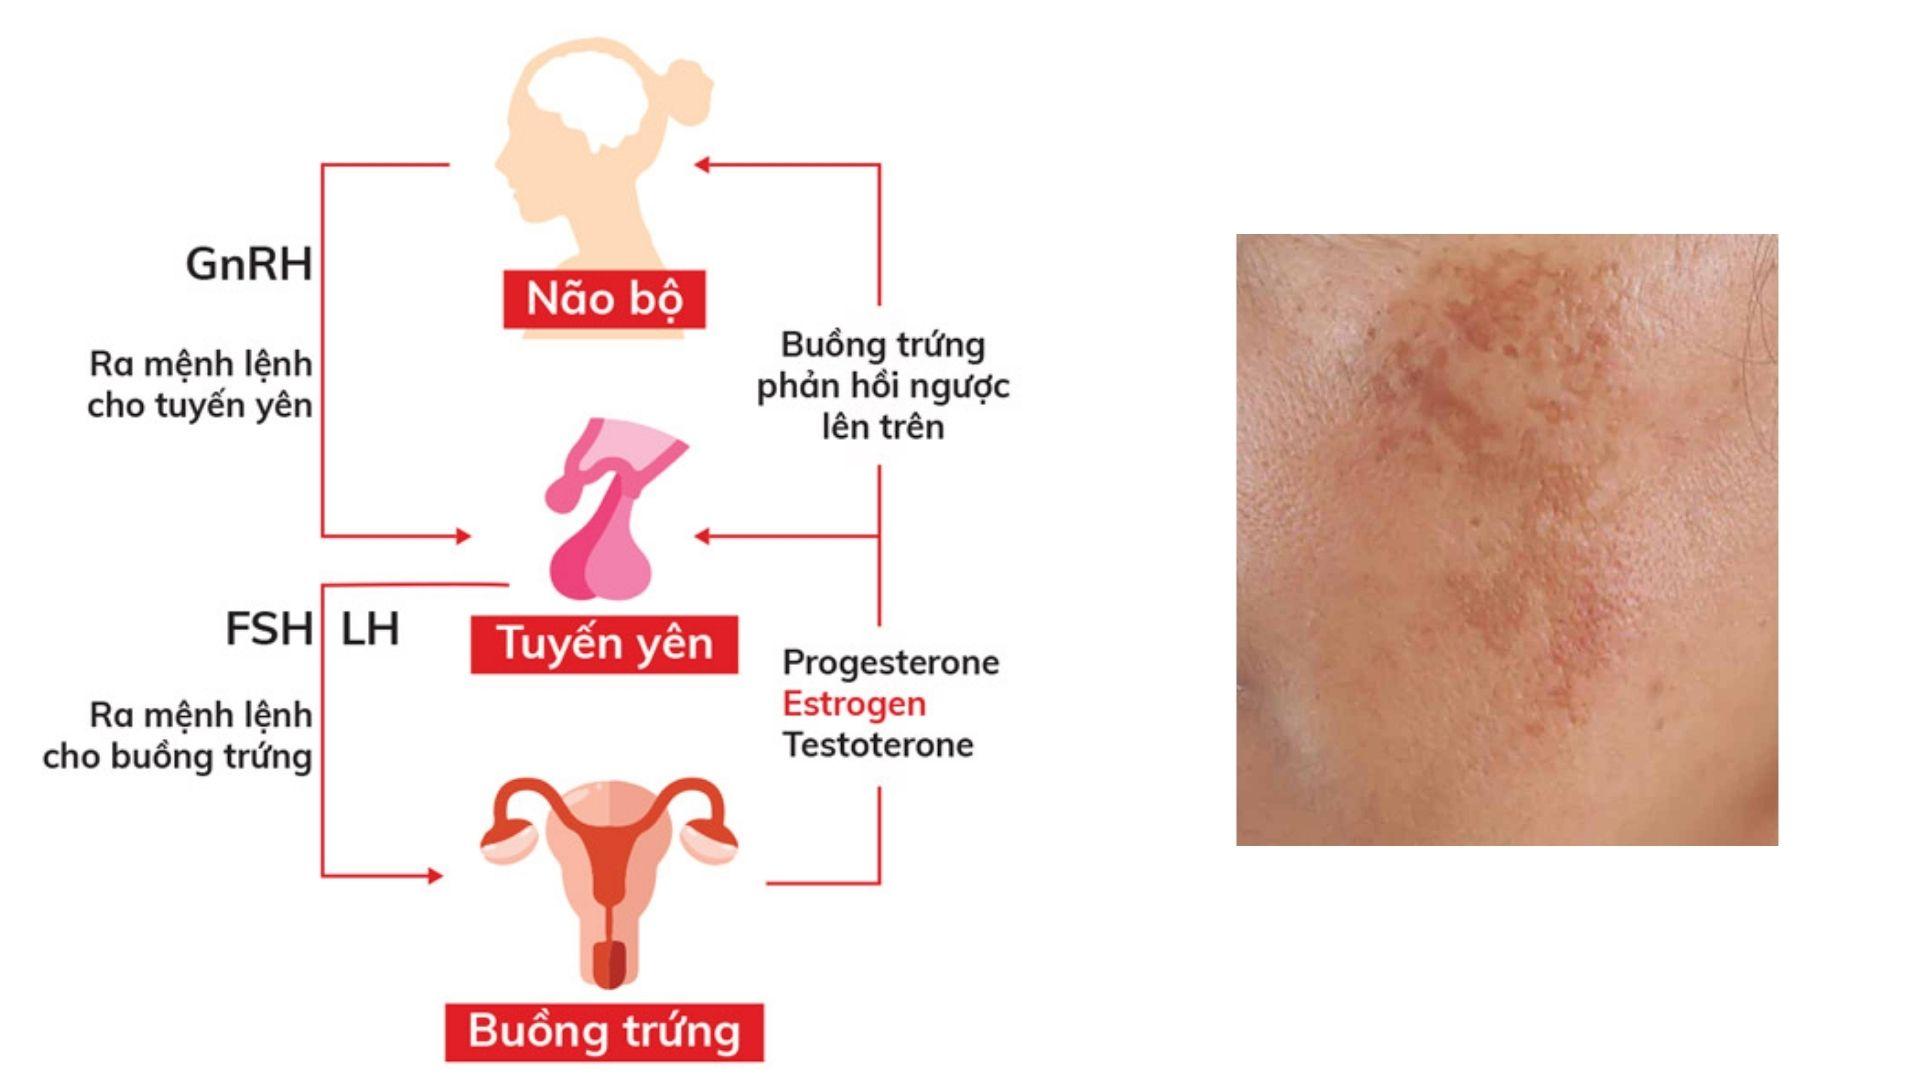 Thay đổi Estrogen gây tăng rám da phụ nữ sau sinh